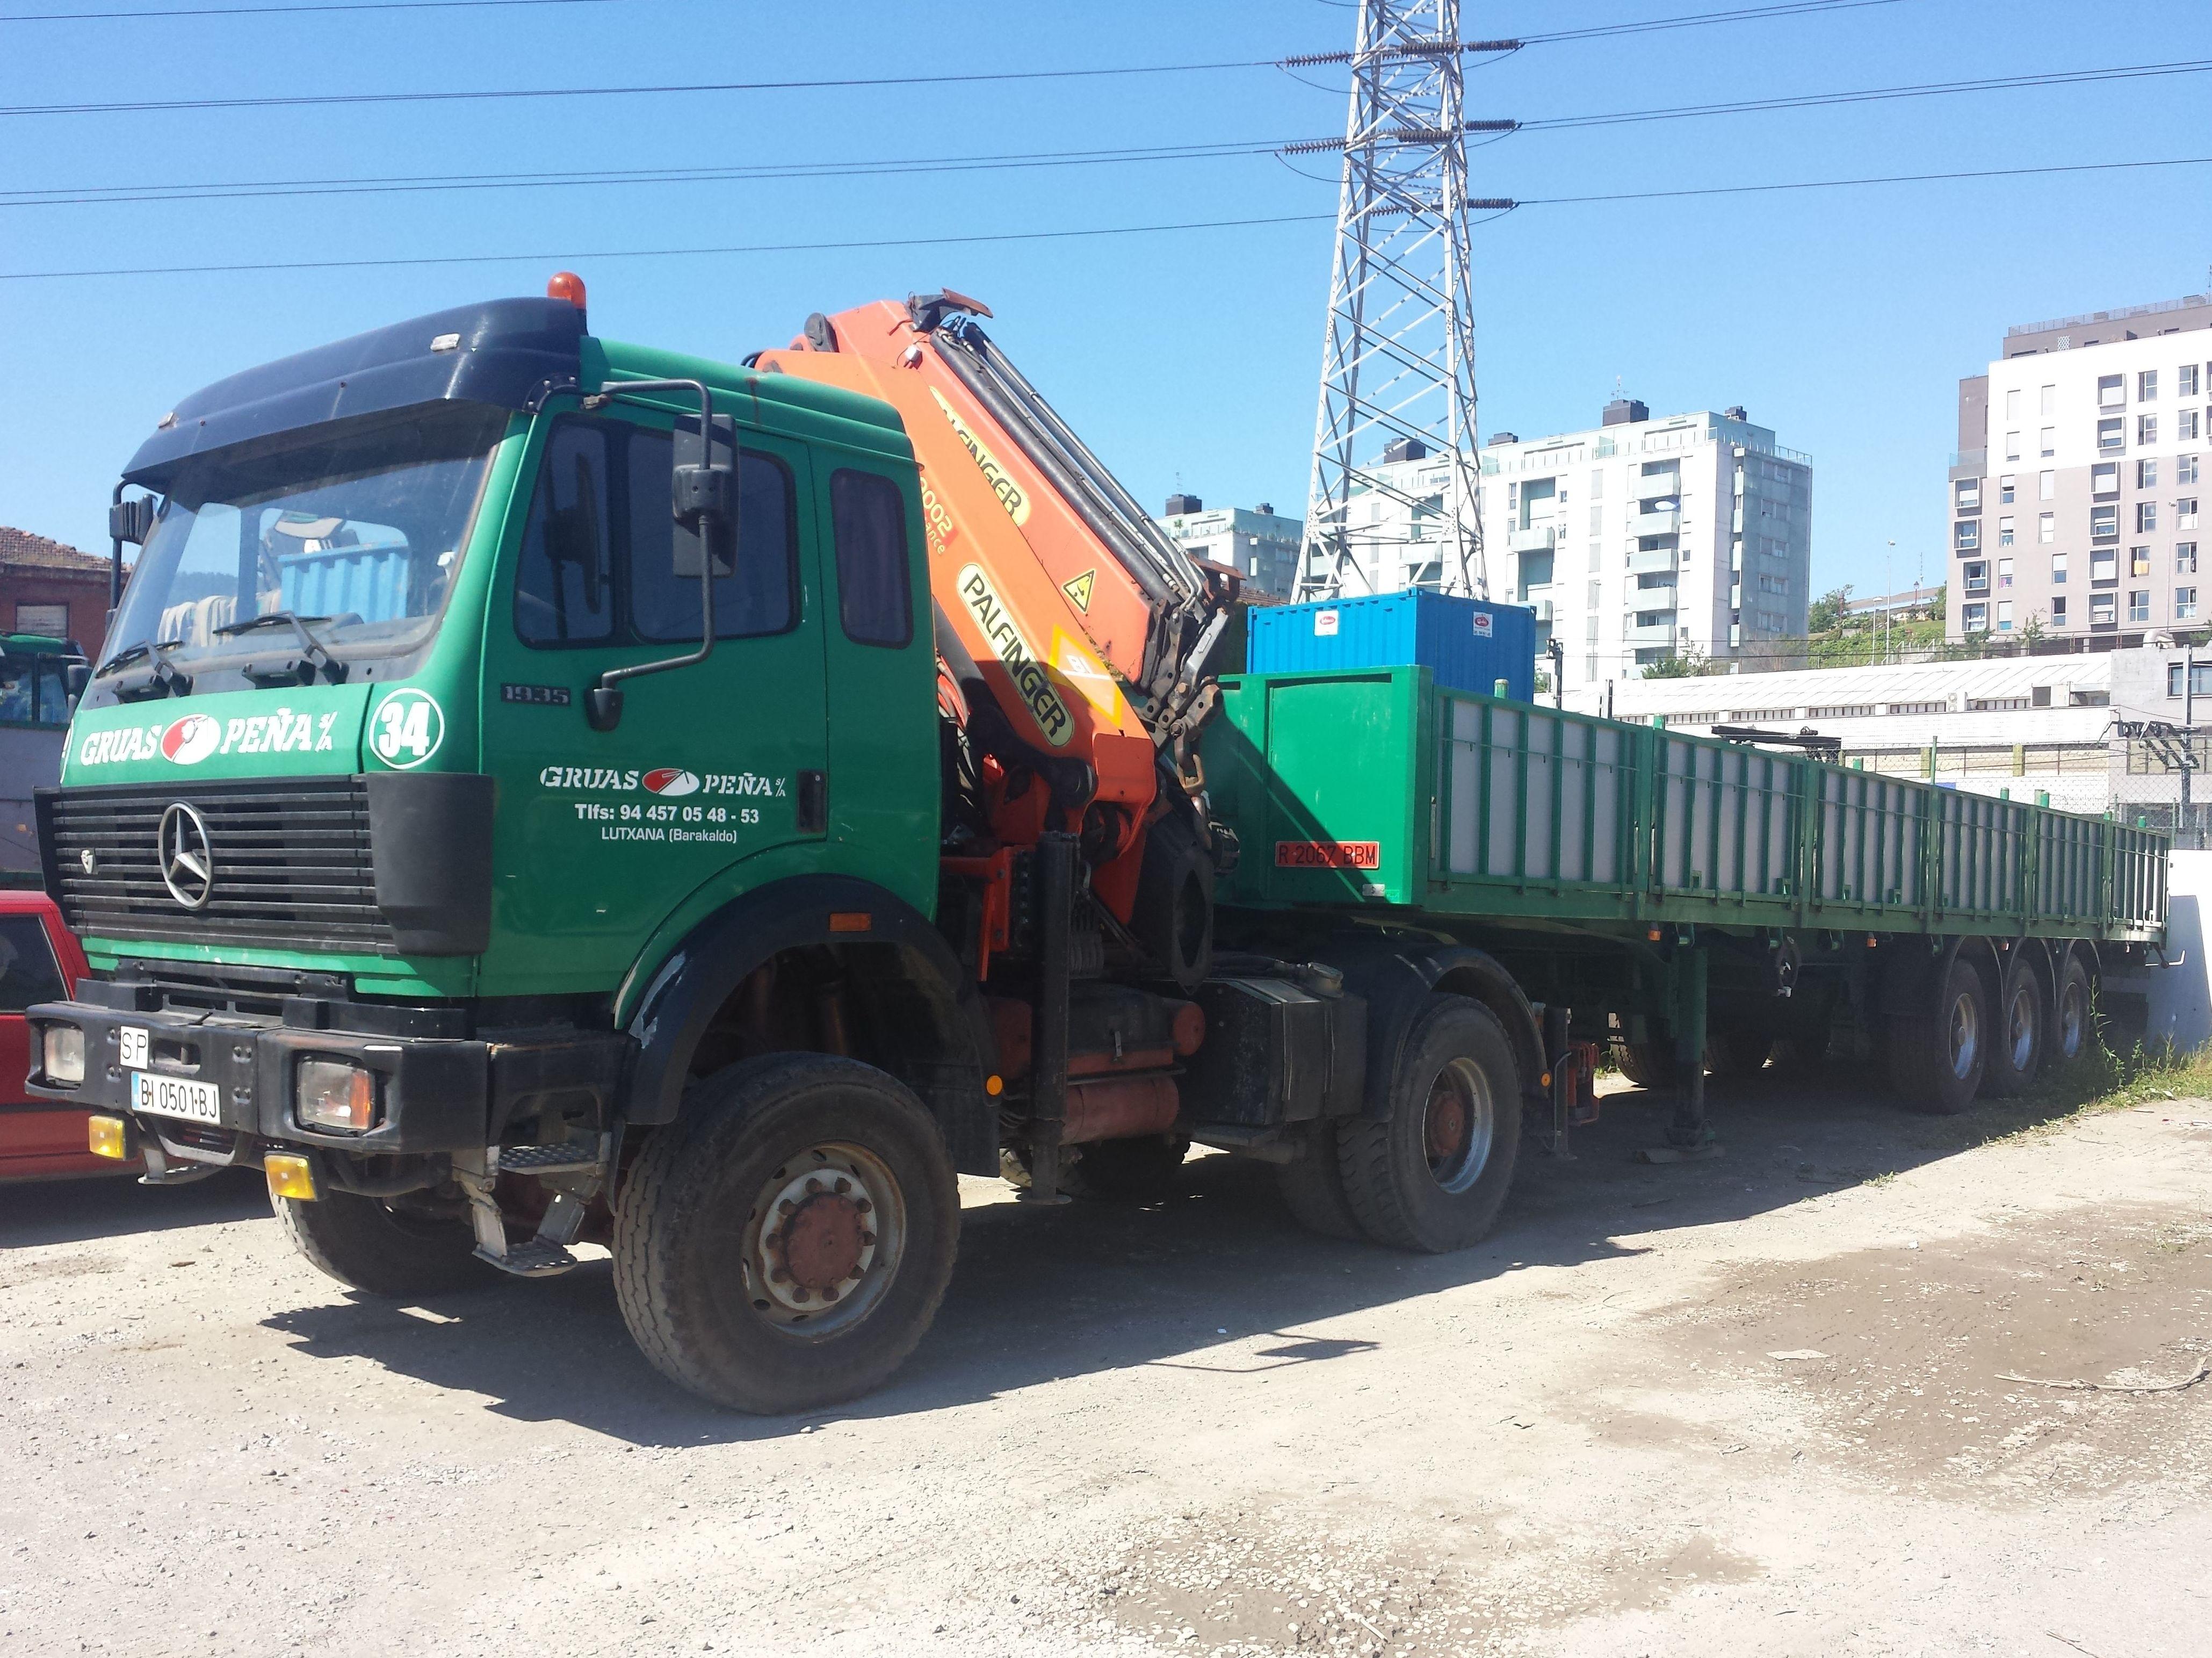 Foto 1 de Alquiler de camiones con grúa en Barakaldo | Camiones con Grúas Peña